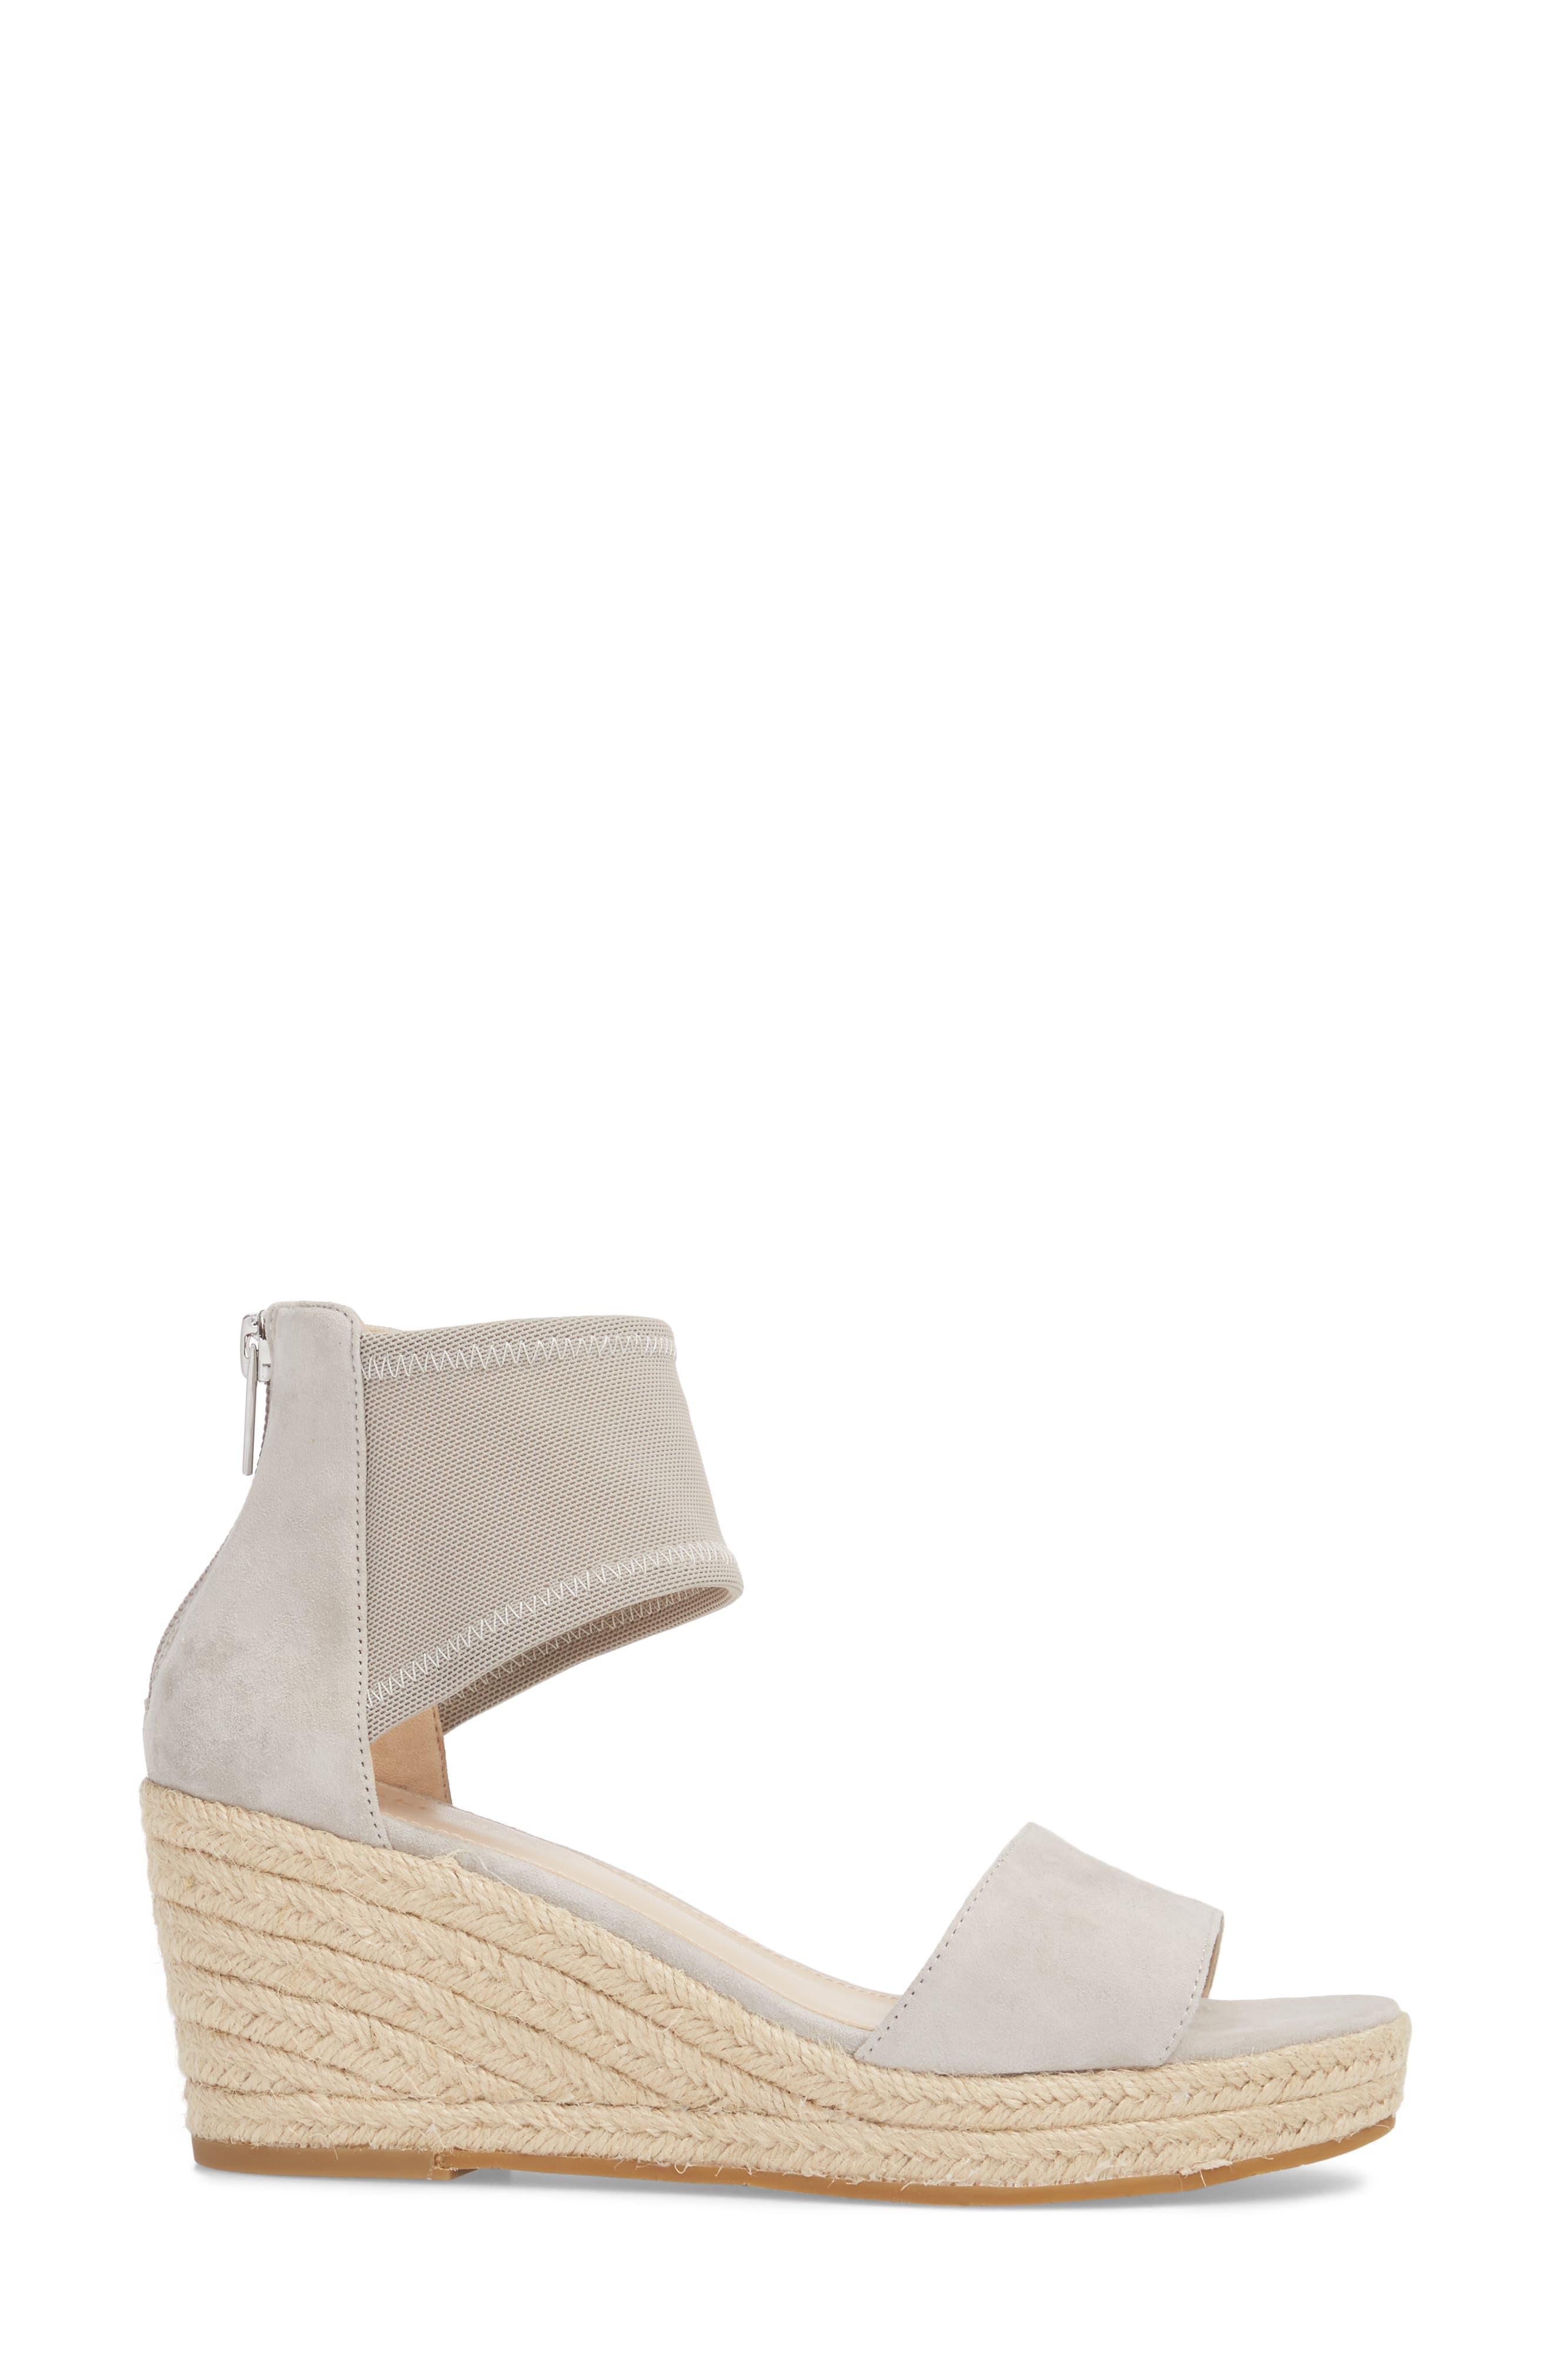 Alternate Image 3  - Pelle Moda Kona Platform Wedge Sandal (Women)